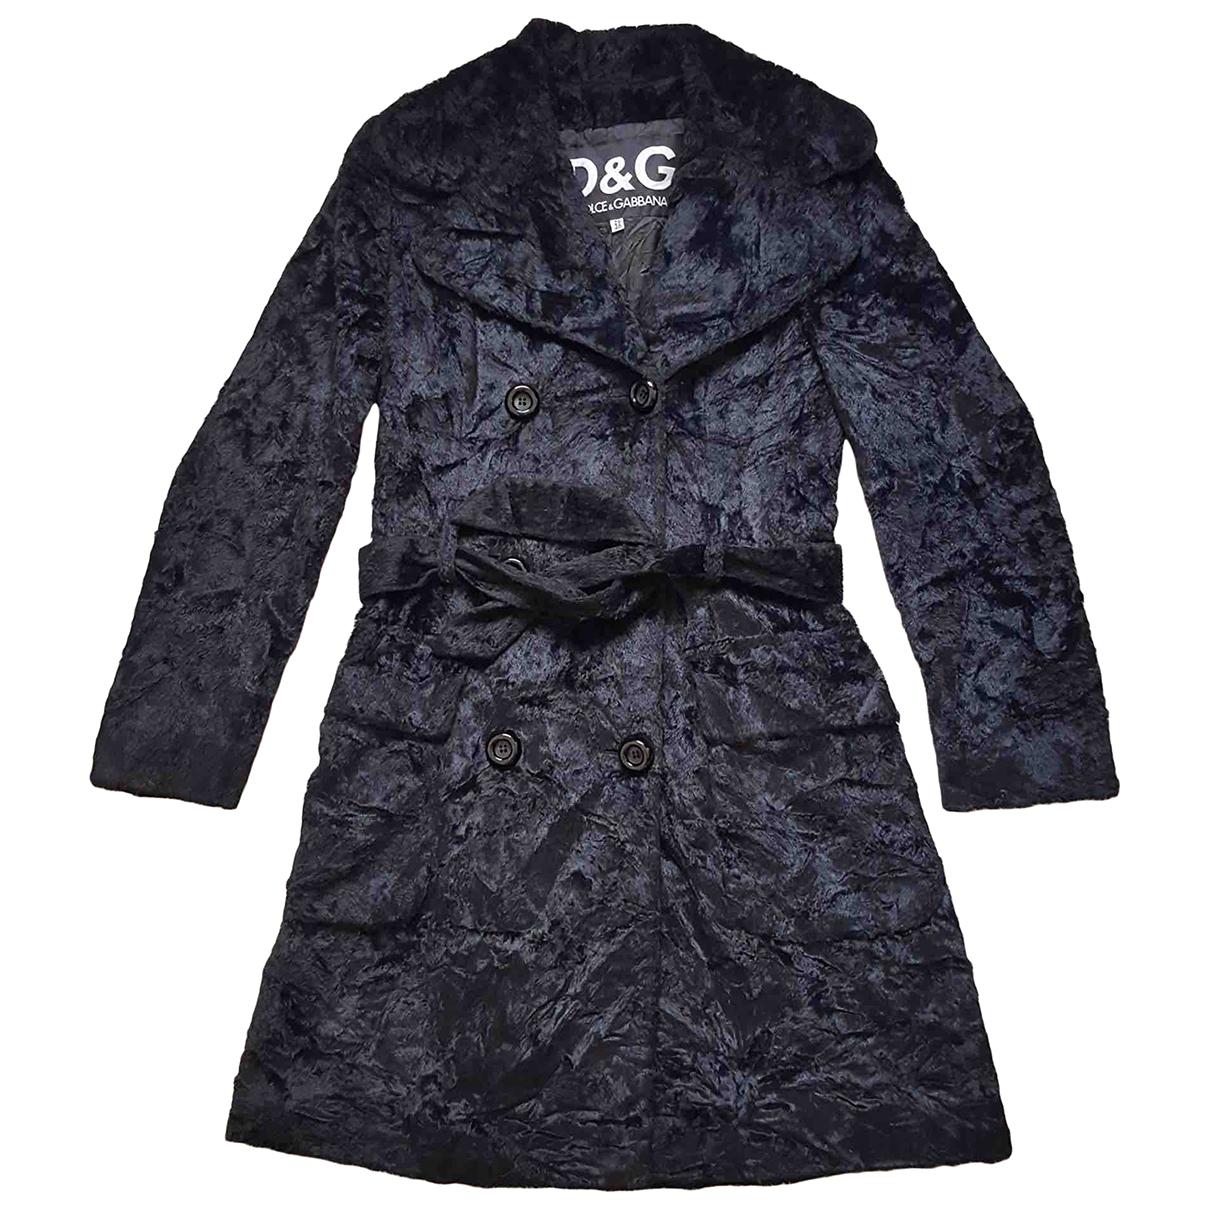 D&g - Manteau   pour femme en coton - noir